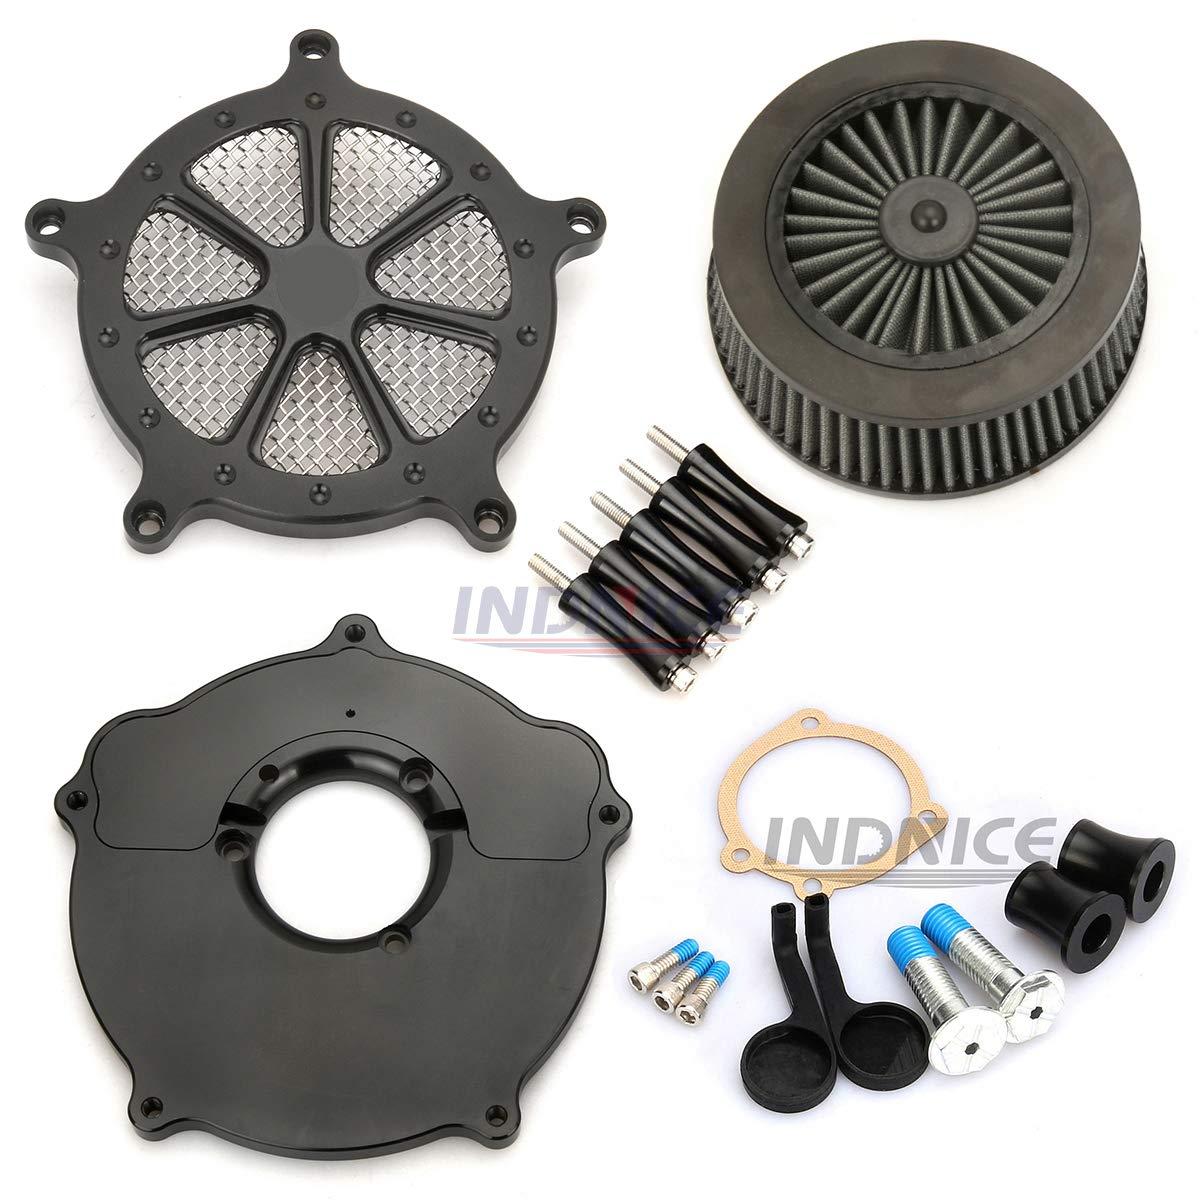 Coperchio sistema di aspirazione AIR nero per harley IRON 883 XL sportster 1991-2019 filtri aria sportster 883 1200 Speed 7 style